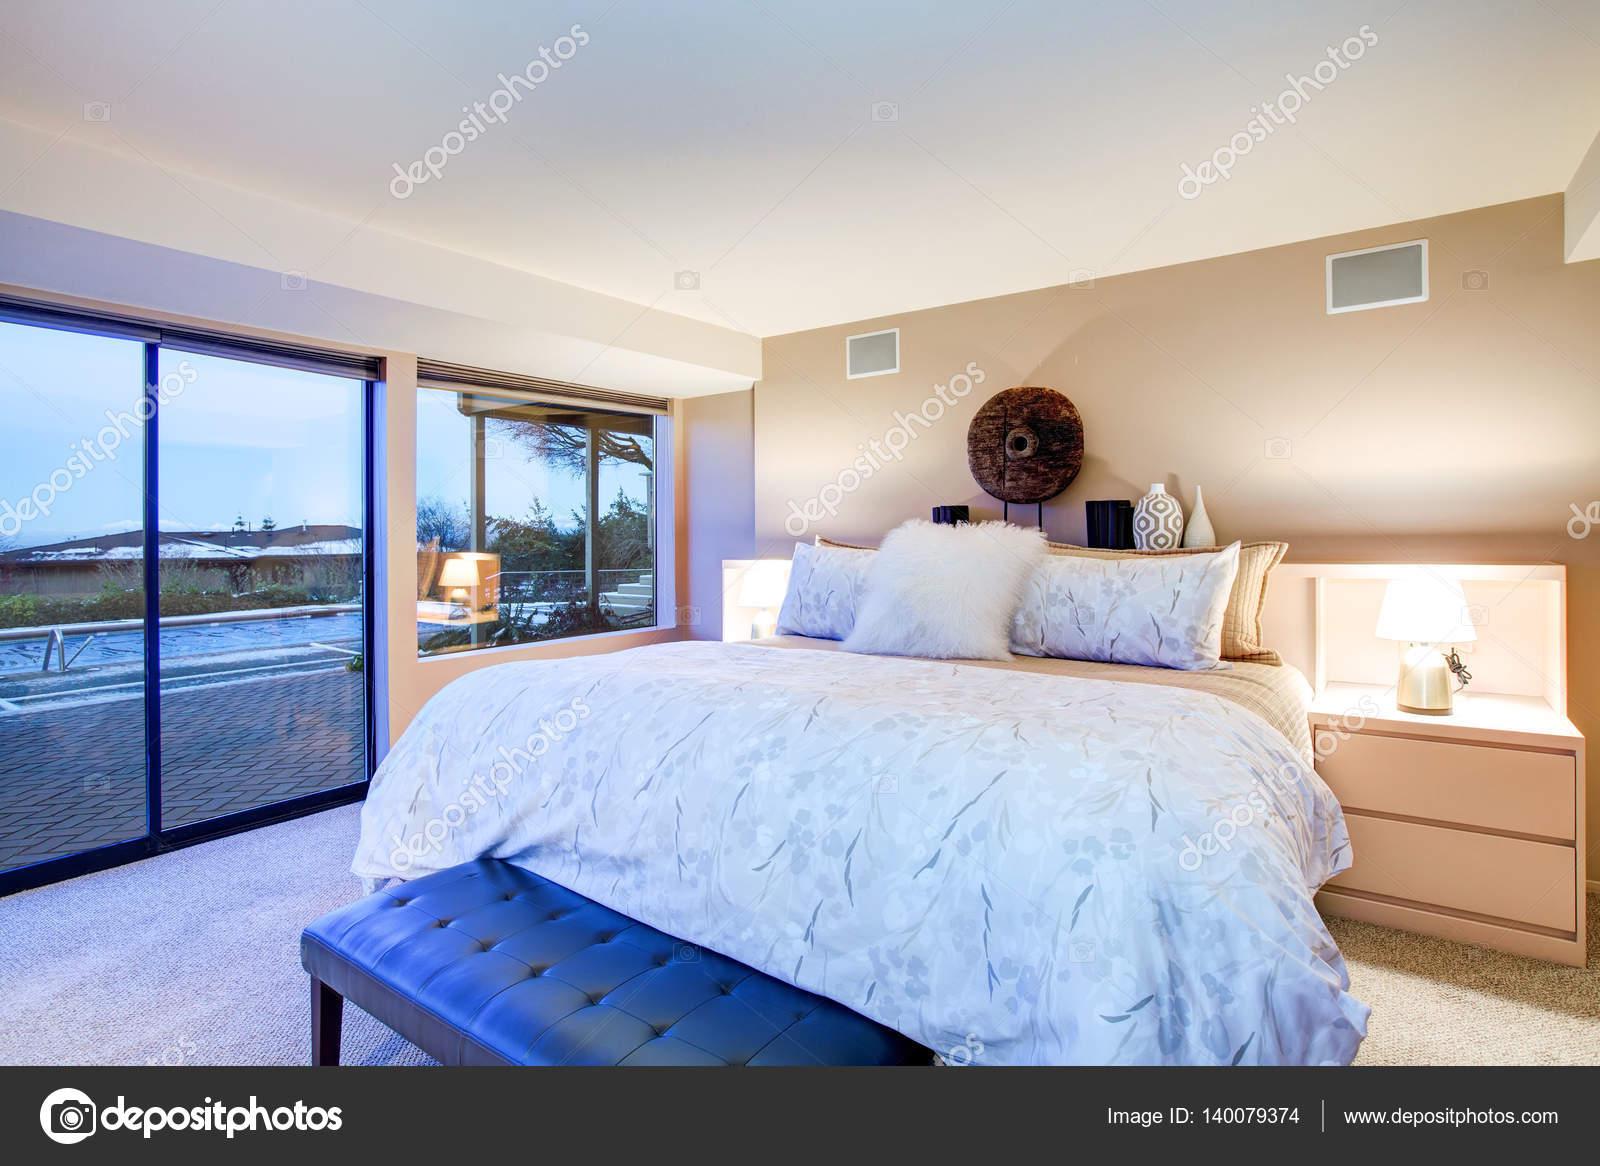 Glazen Wand Slaapkamer : Glazen tafel schoonmaken best glazen muur slaapkamer met stalen